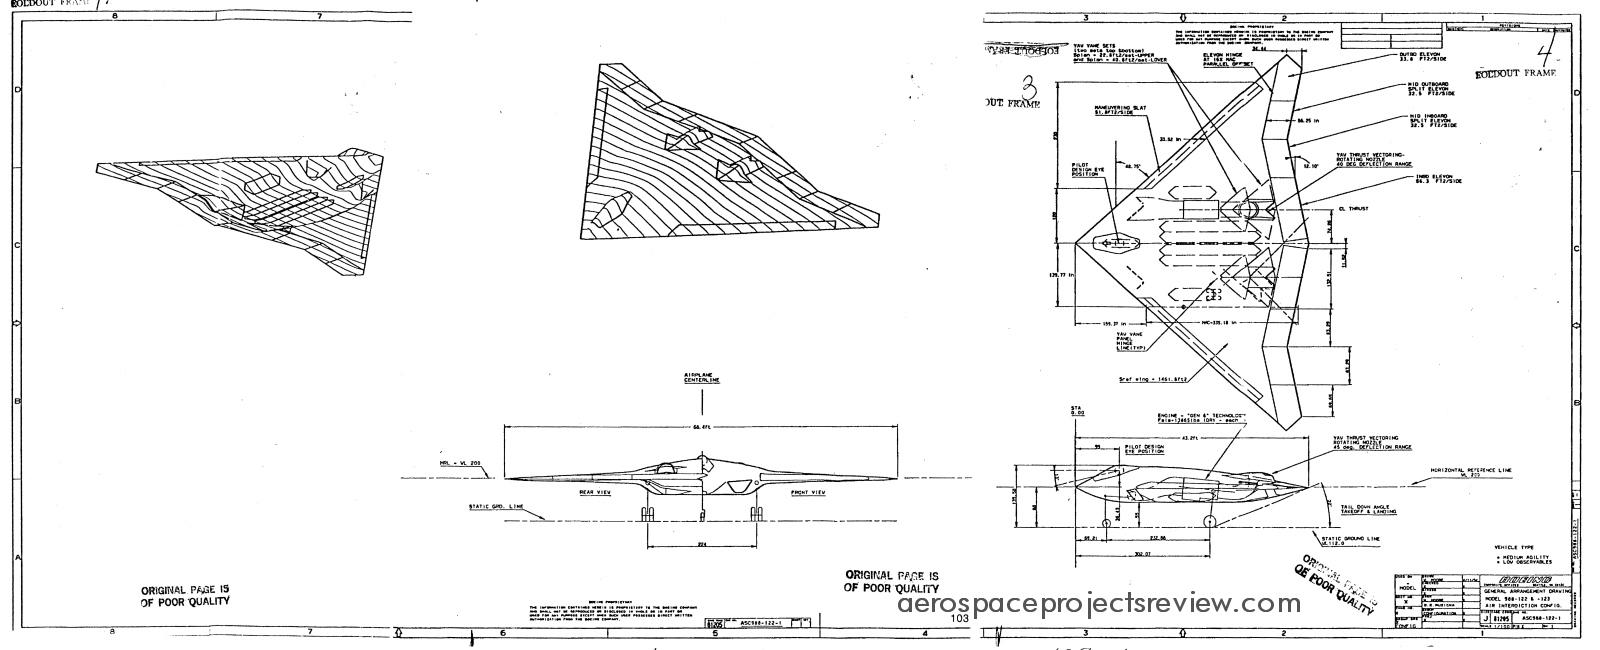 Boeing-988-122.jpg